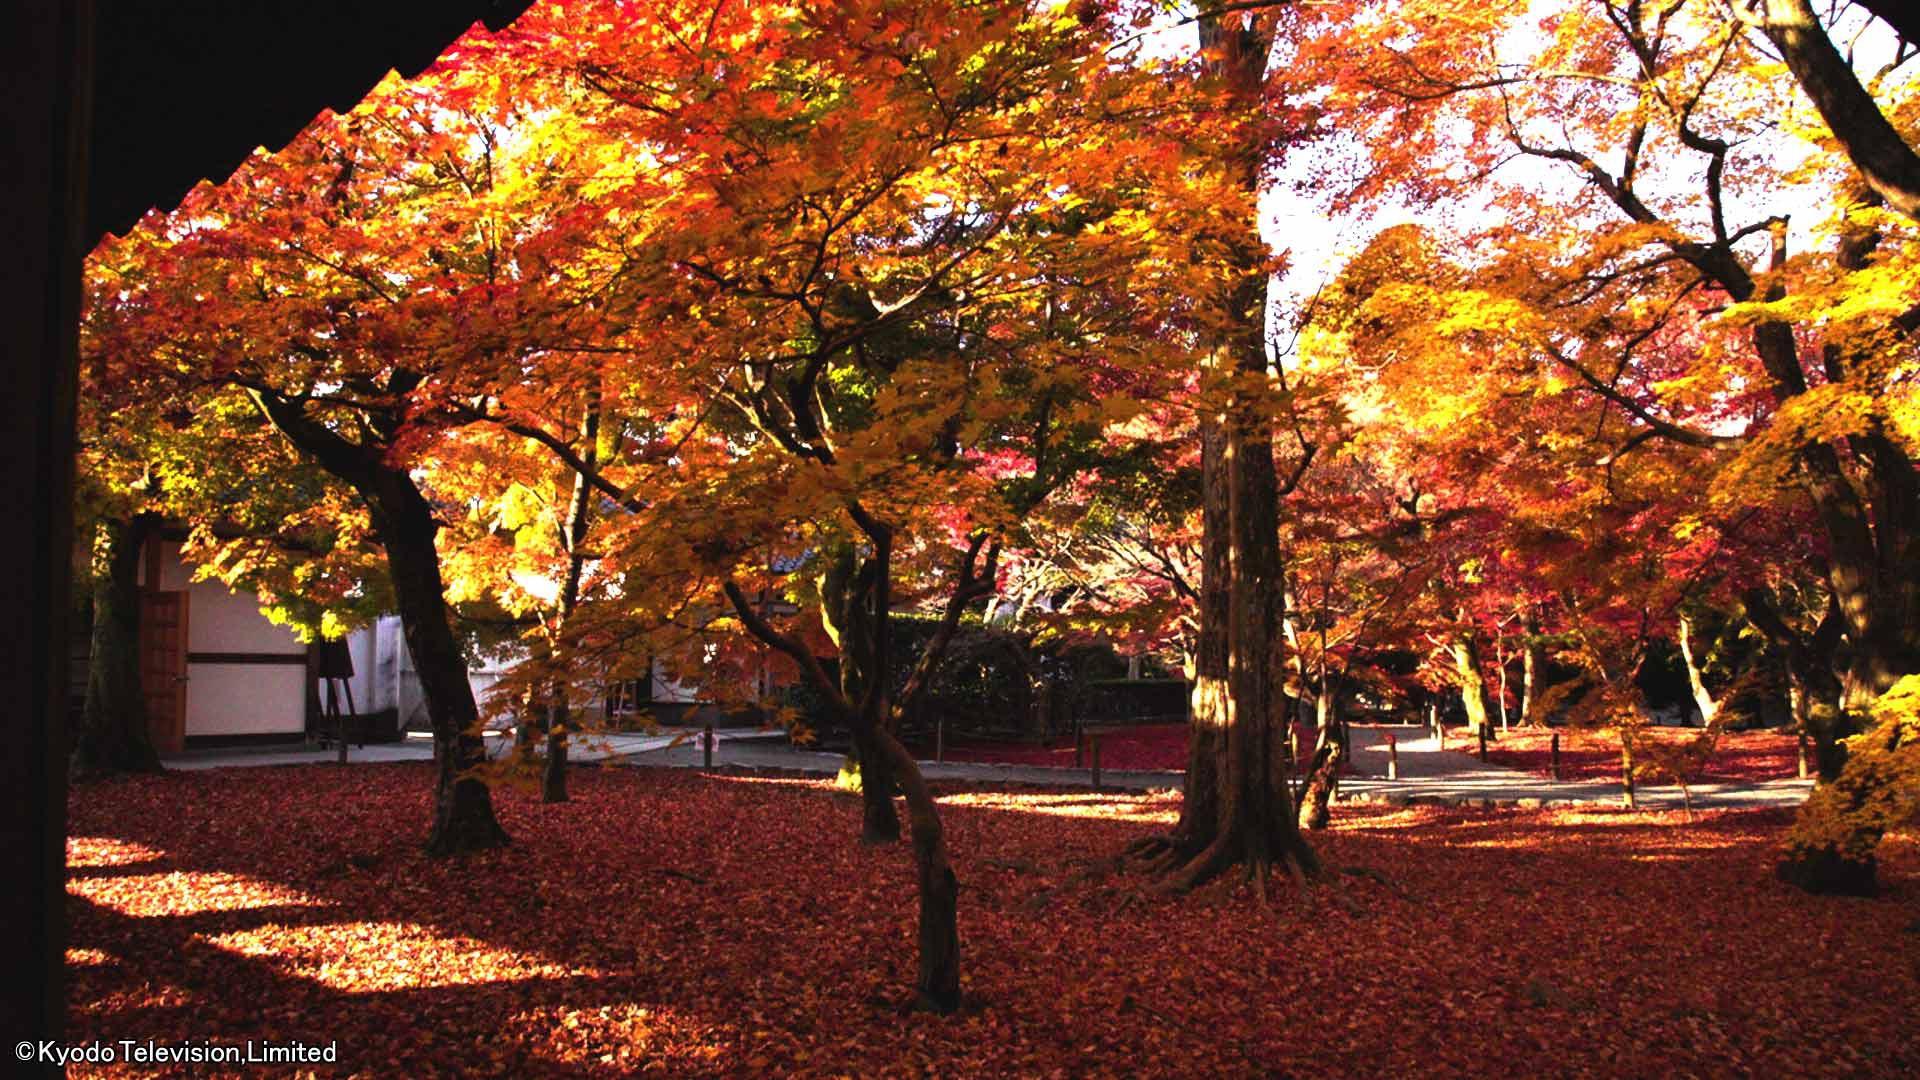 日本驚嘆百景 京都〜美しき紅葉の秘密〜_body_3